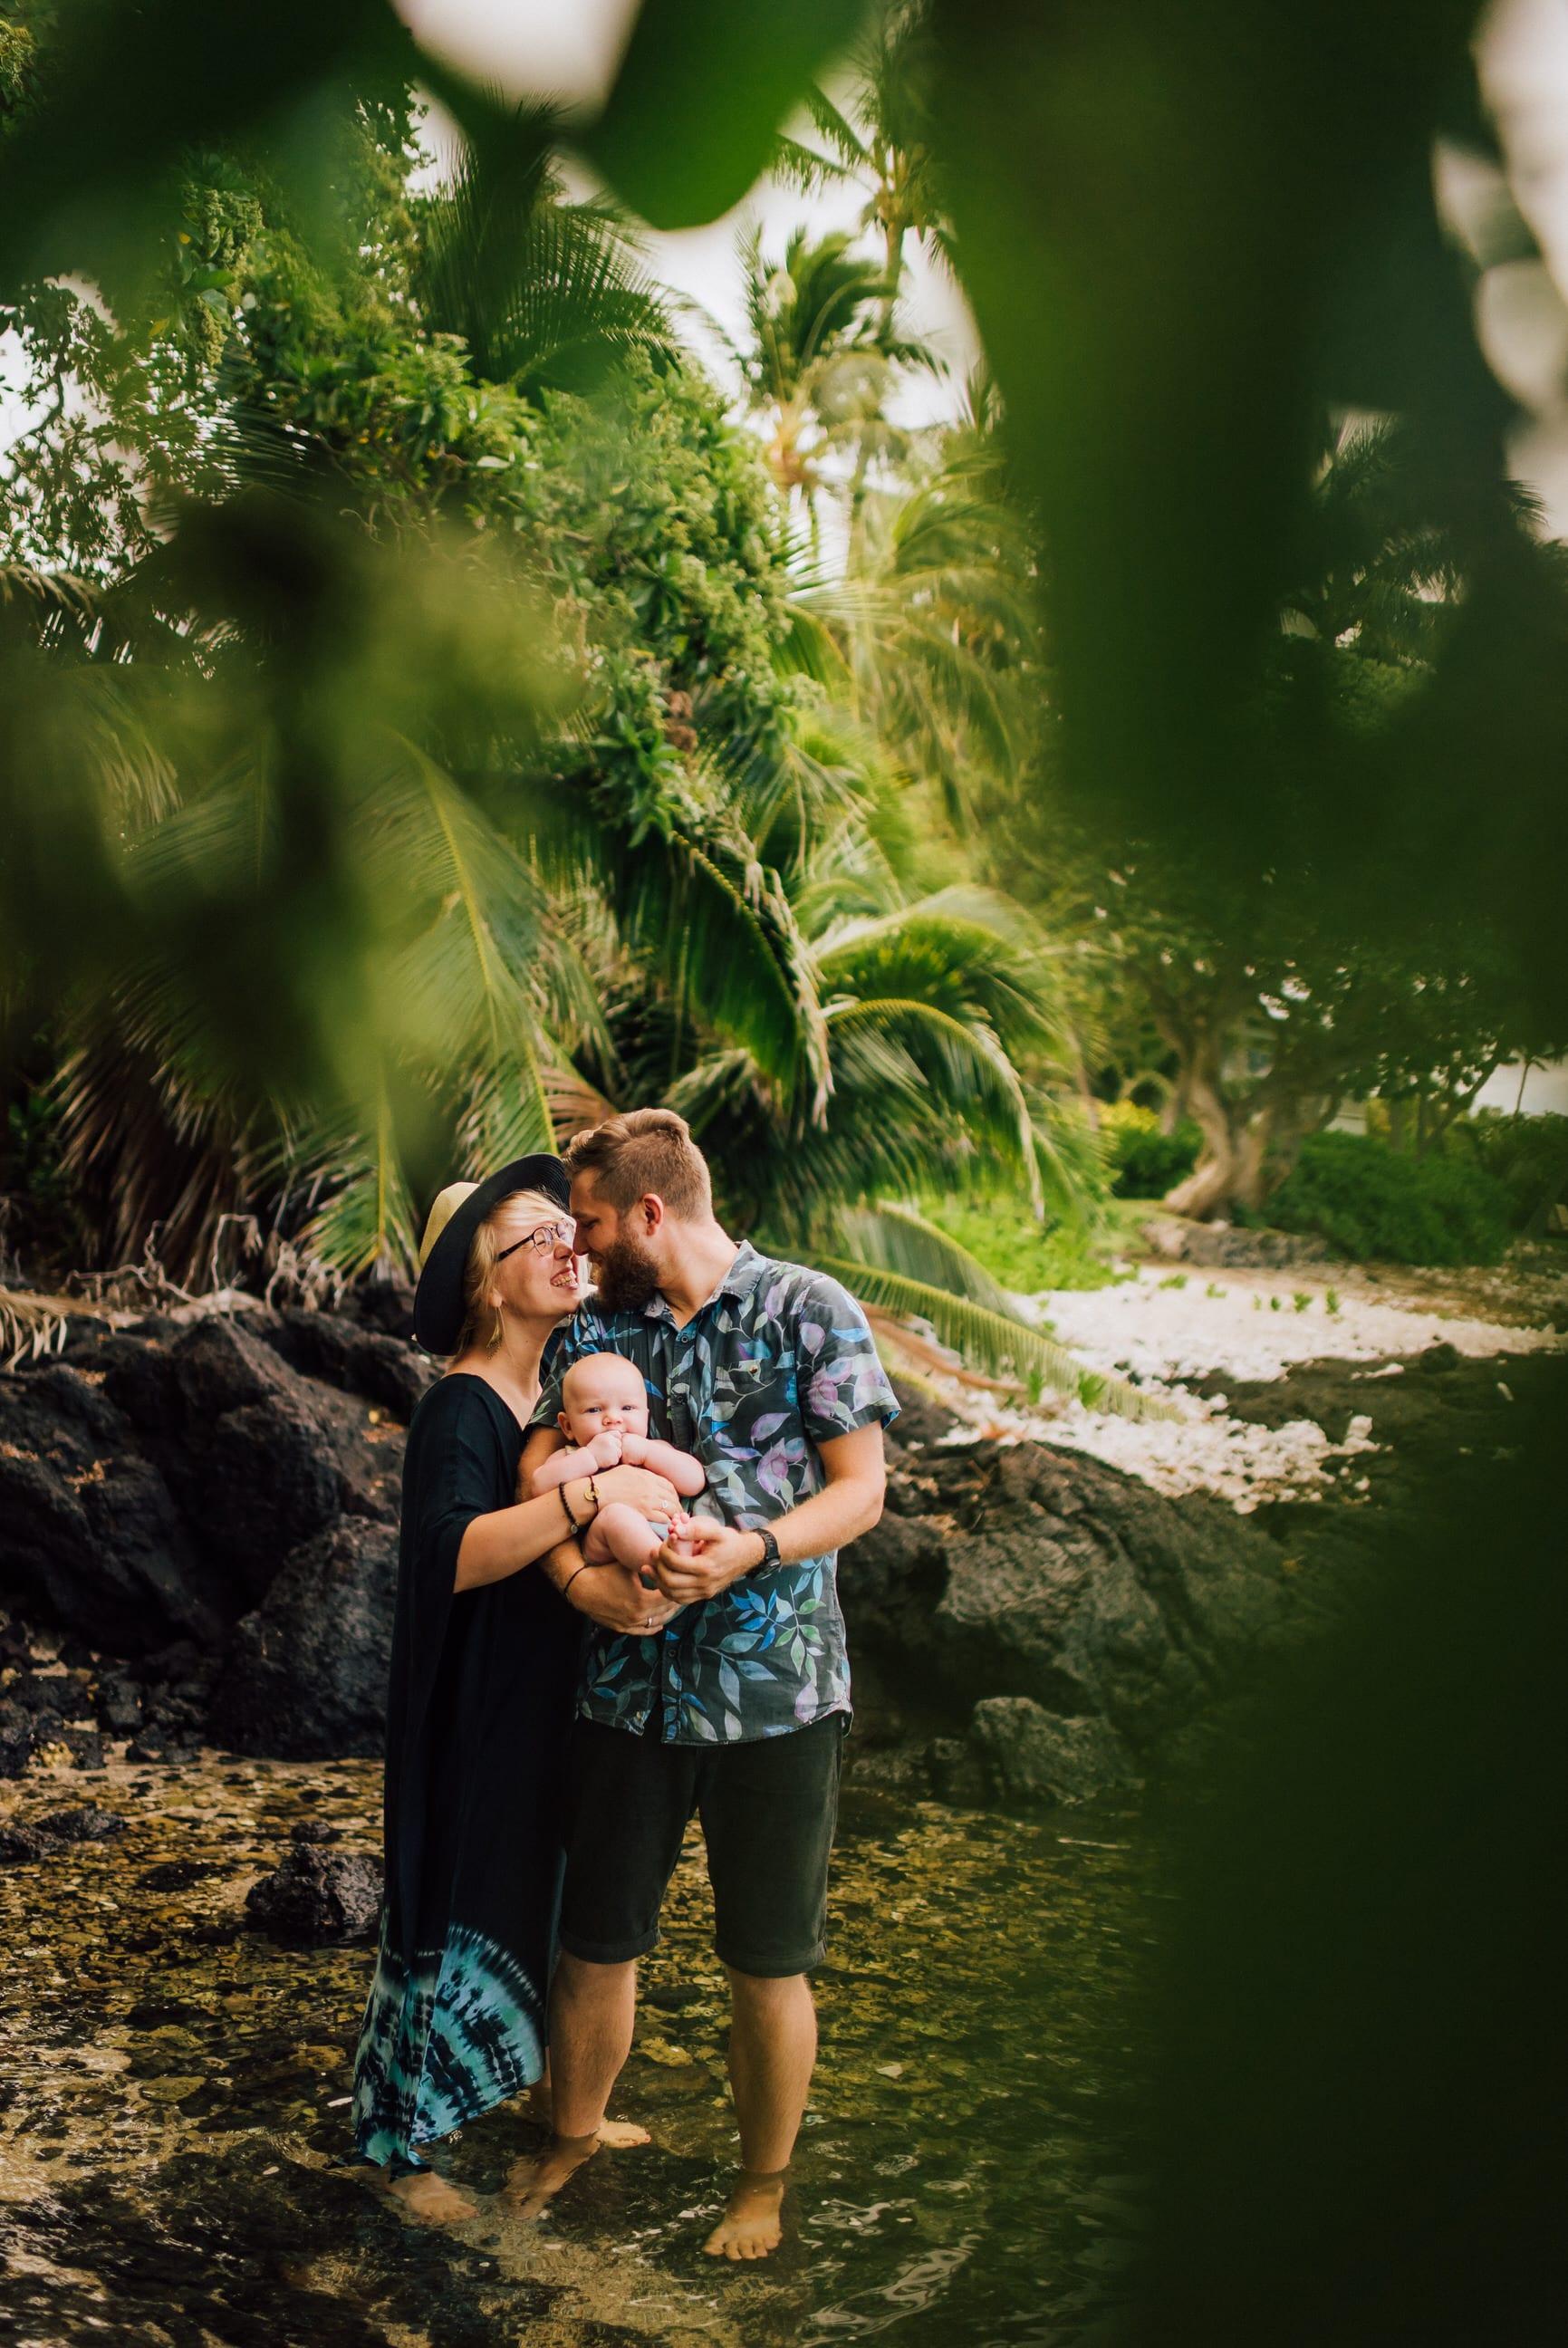 Hawaii-Family-Photographer-7.jpg